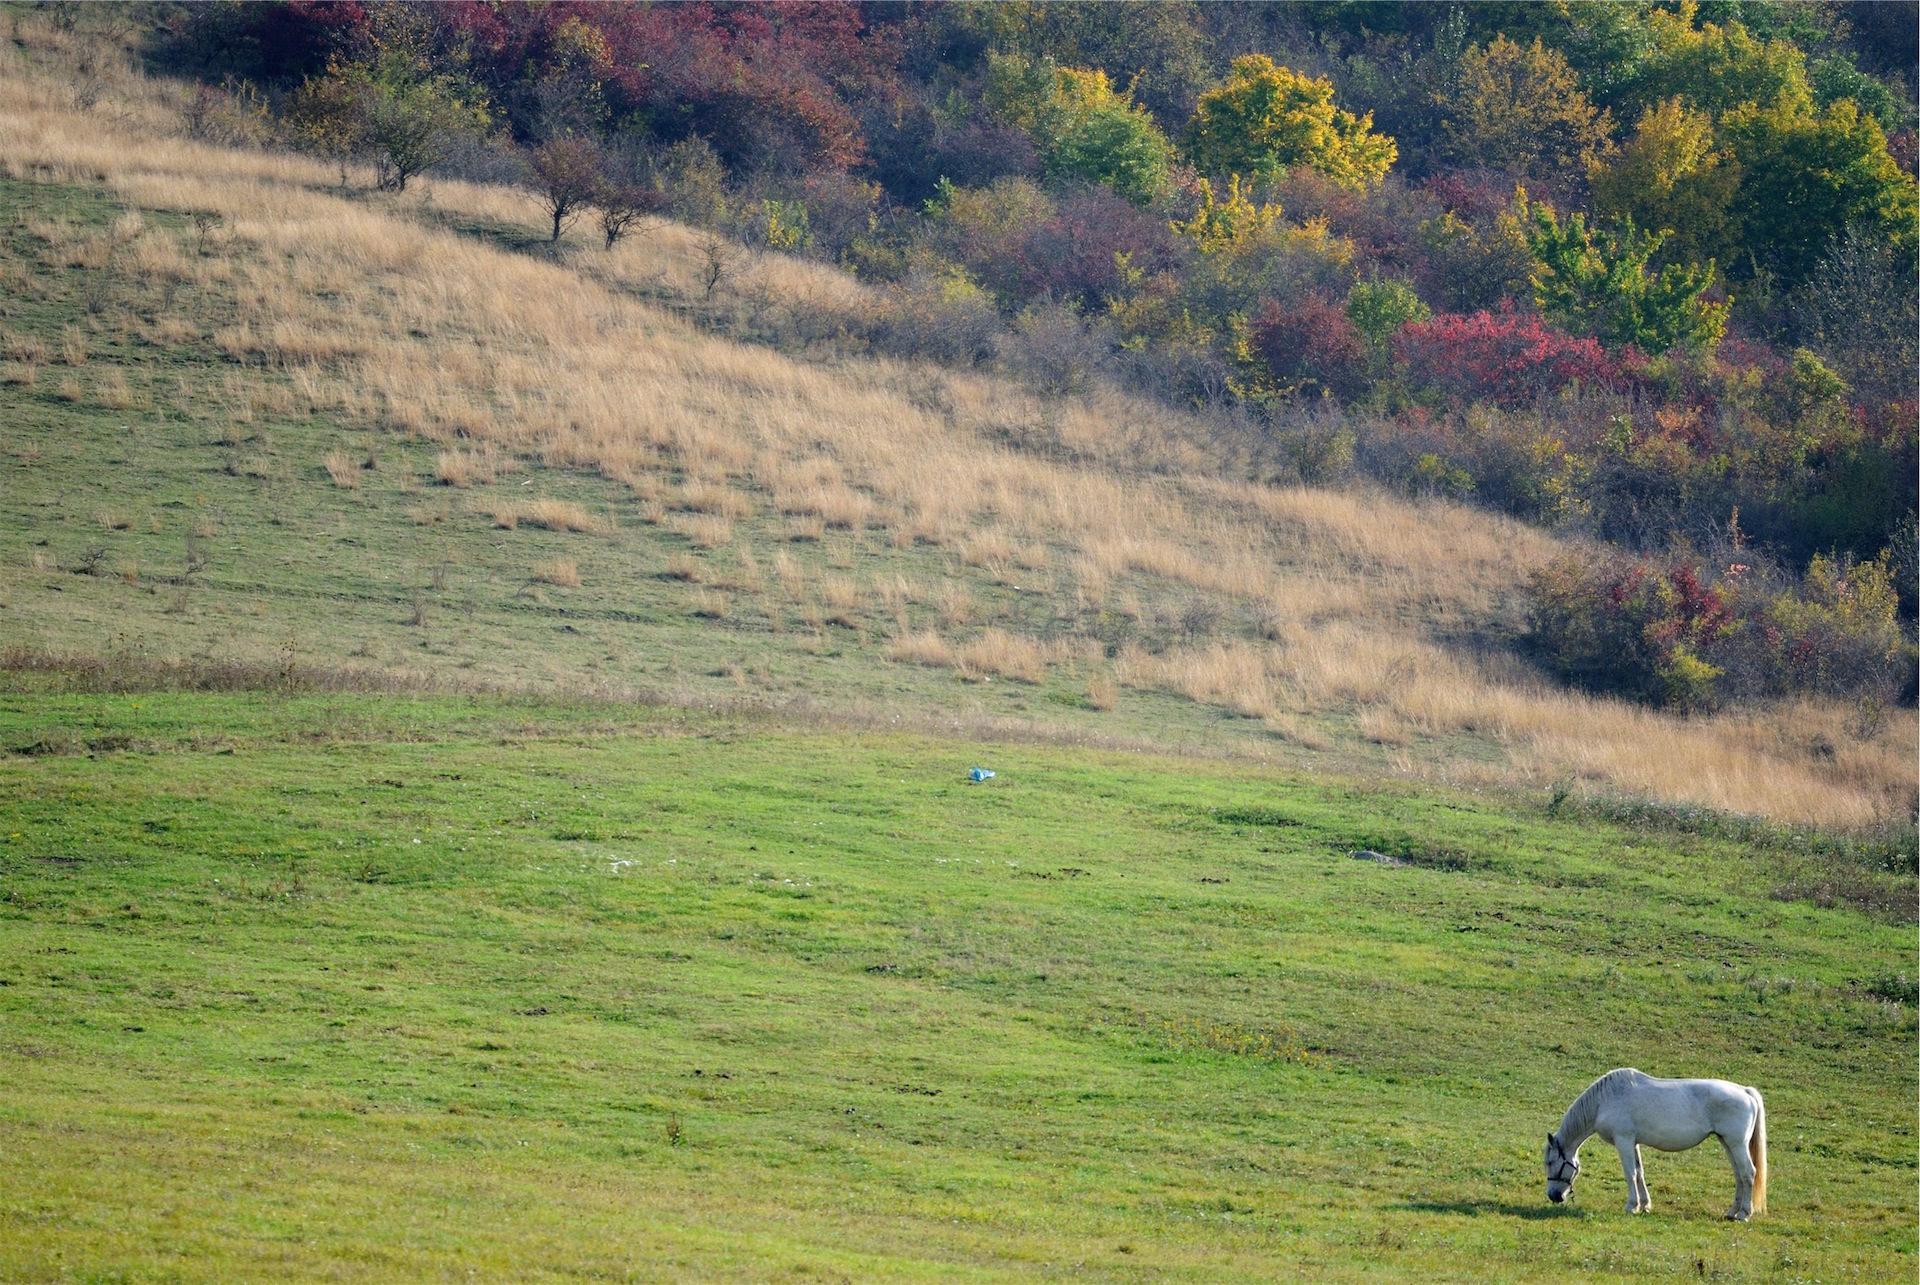 лошадь, Прадера, Долина, Расстояние, Белый - Обои HD - Профессор falken.com